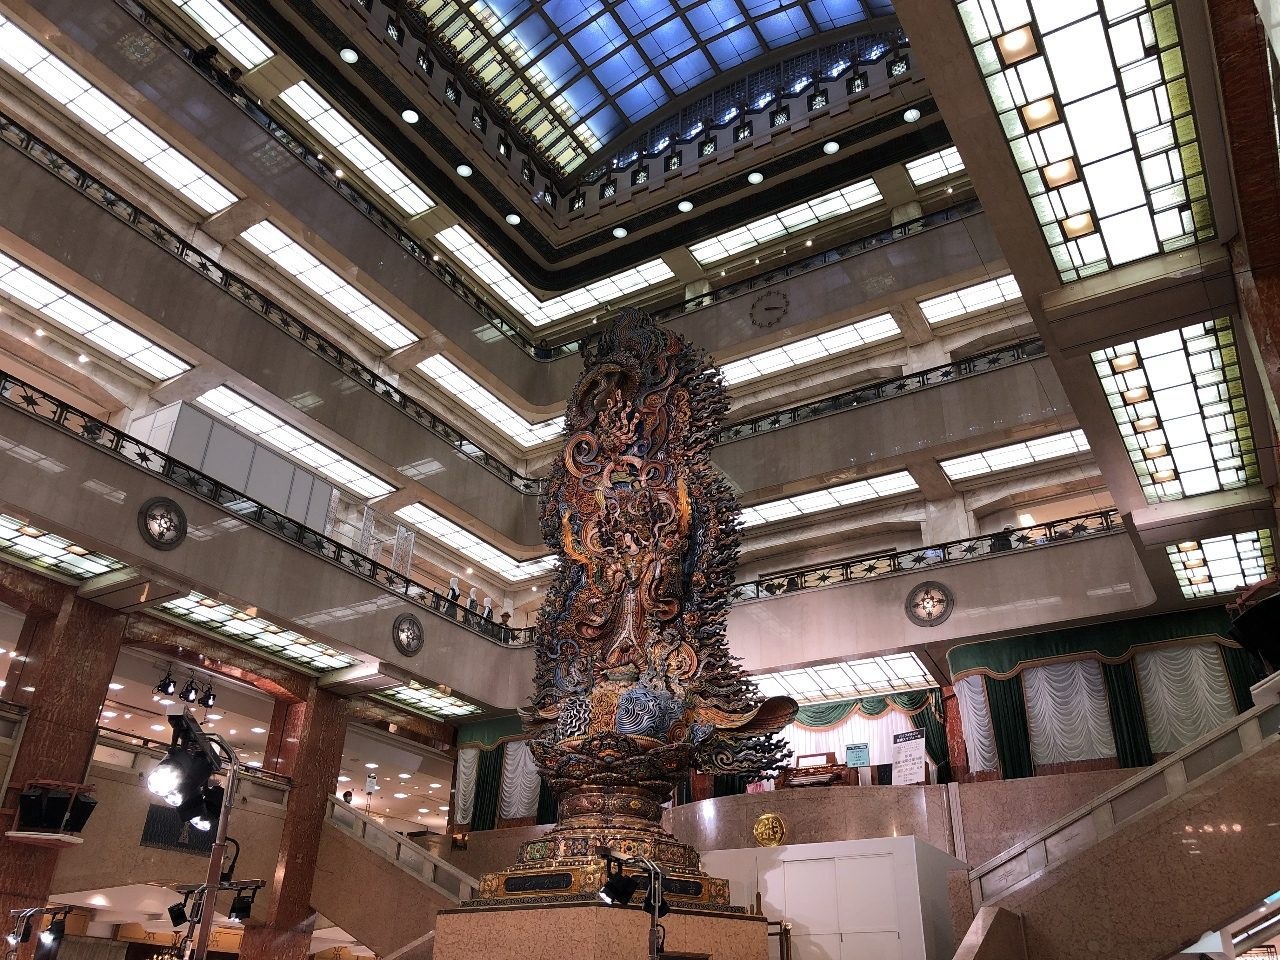 「天女(まごころ)像」といって、天井吹き抜けの4階に届くようにそびえる壮大な天女の像